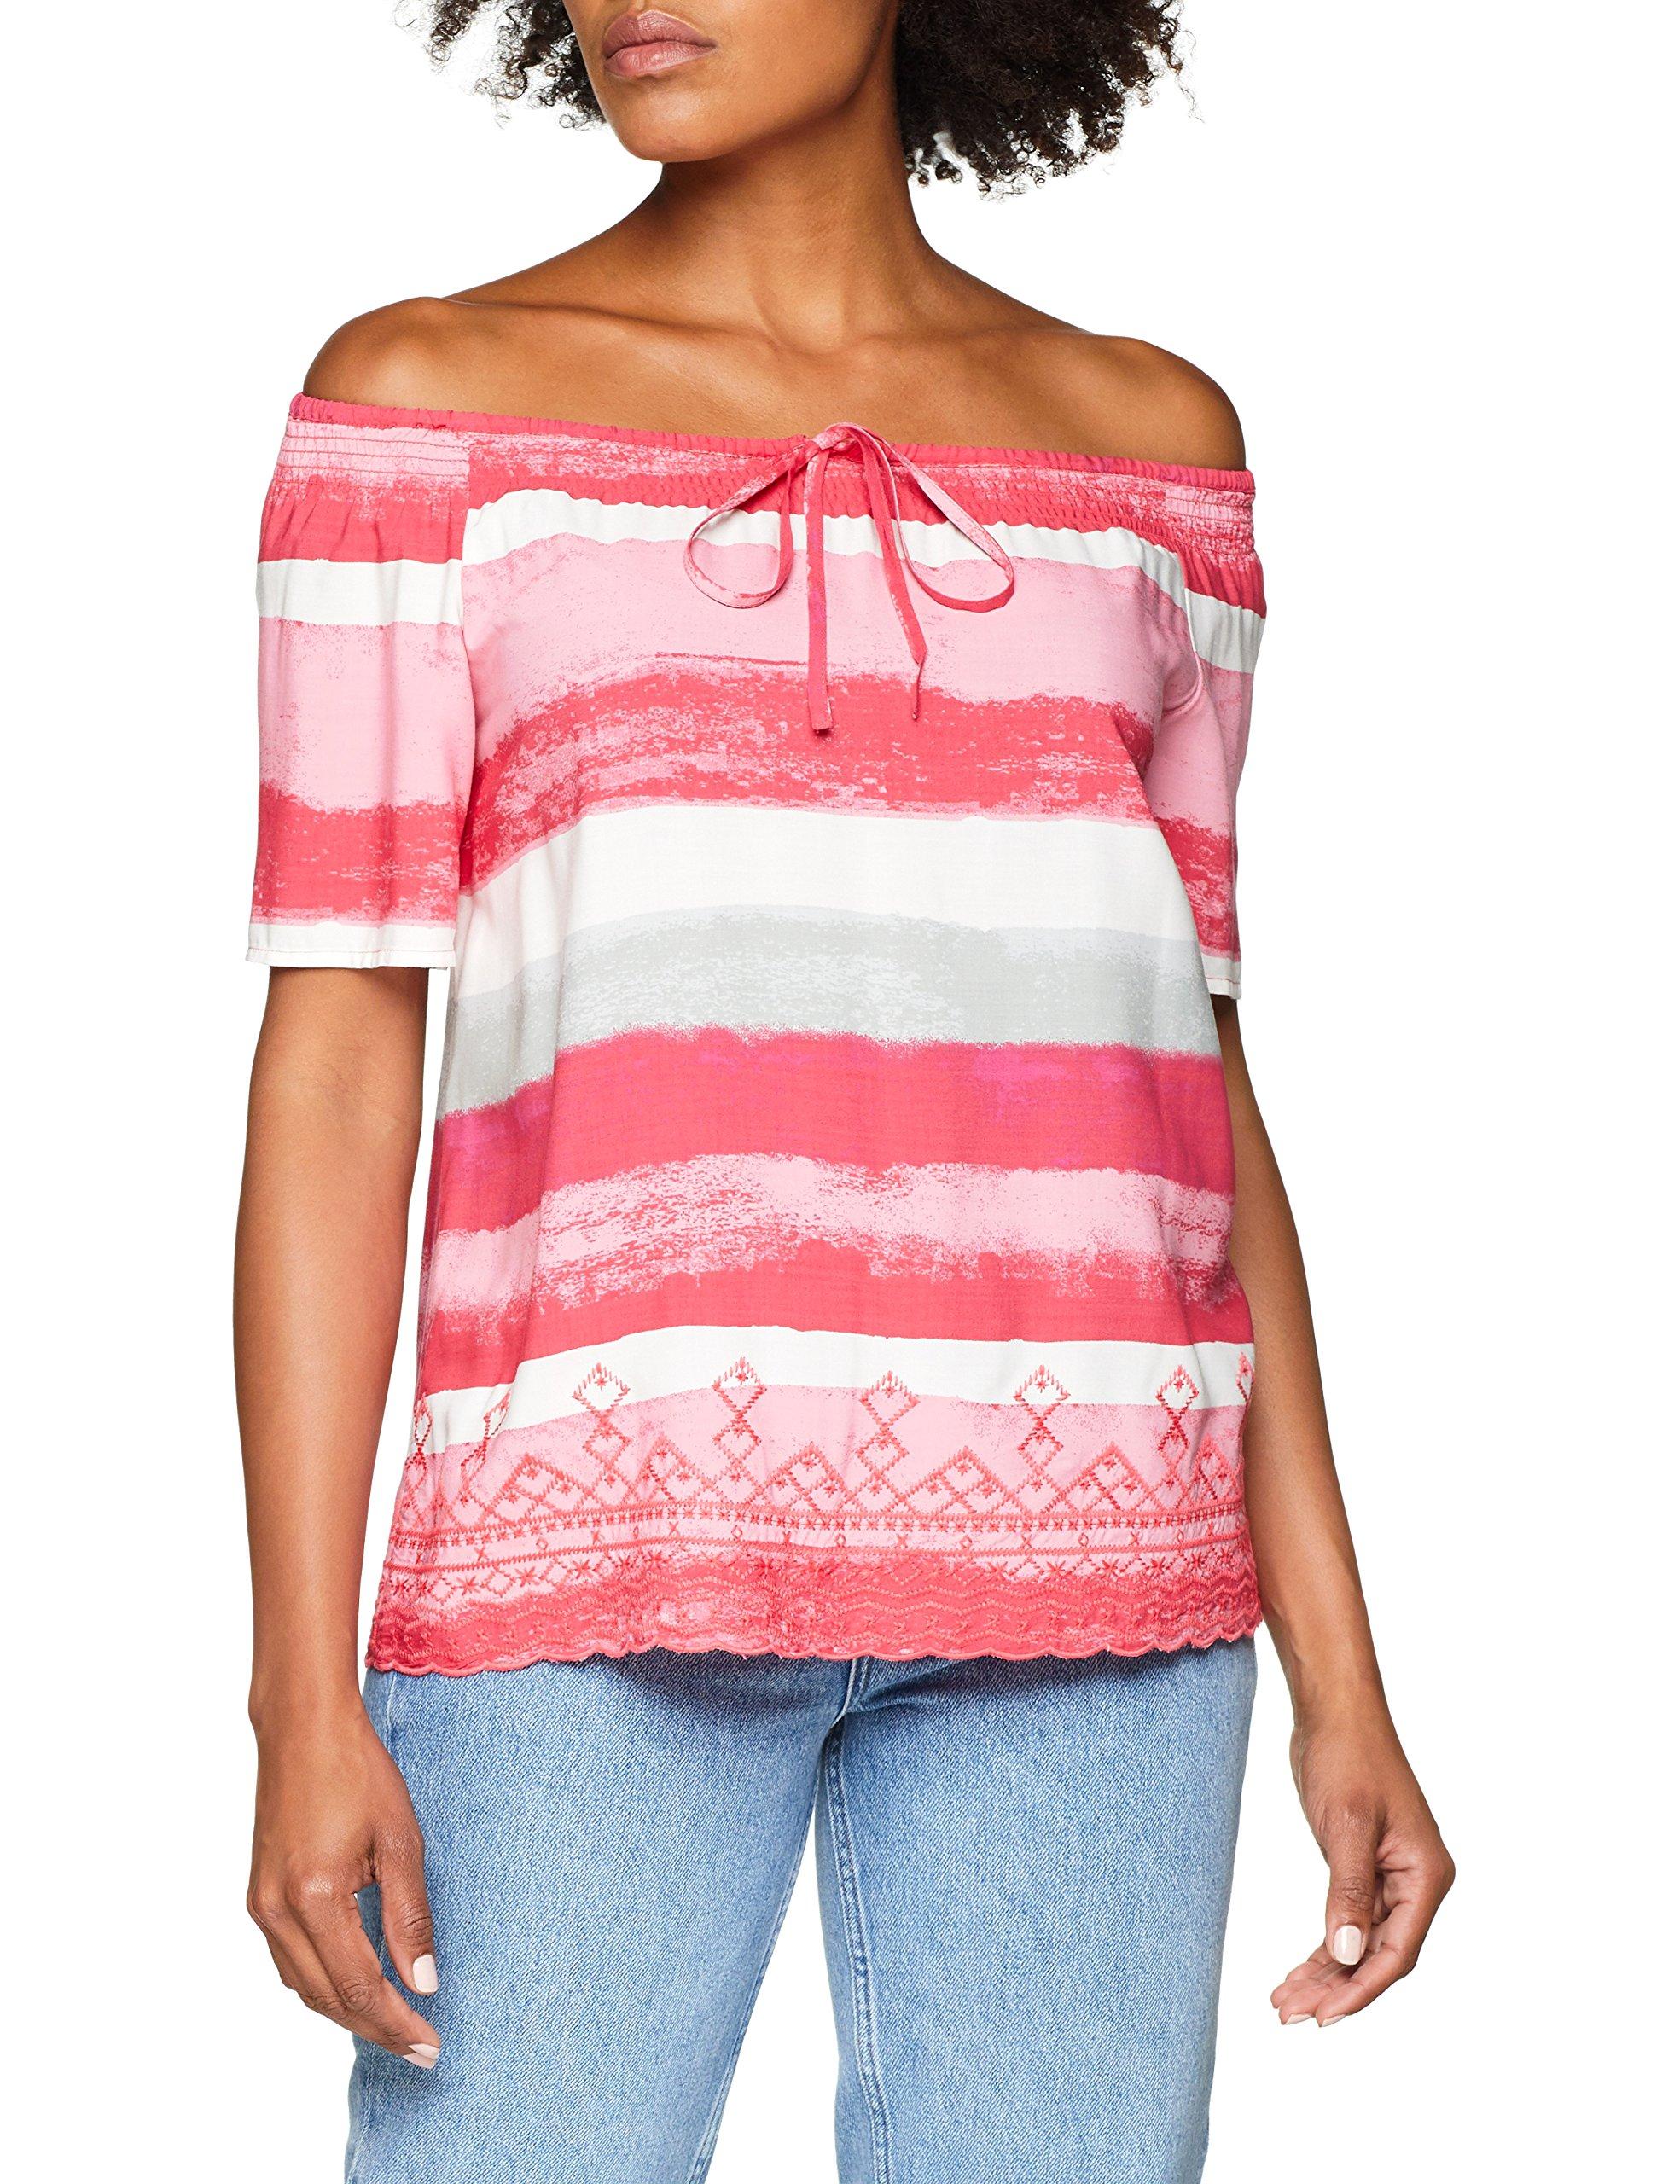 Ci 80 Femme 19 BlouseMulticolorepurple pink Stripes 899 Comma 0638 45g438 gyb6vYf7